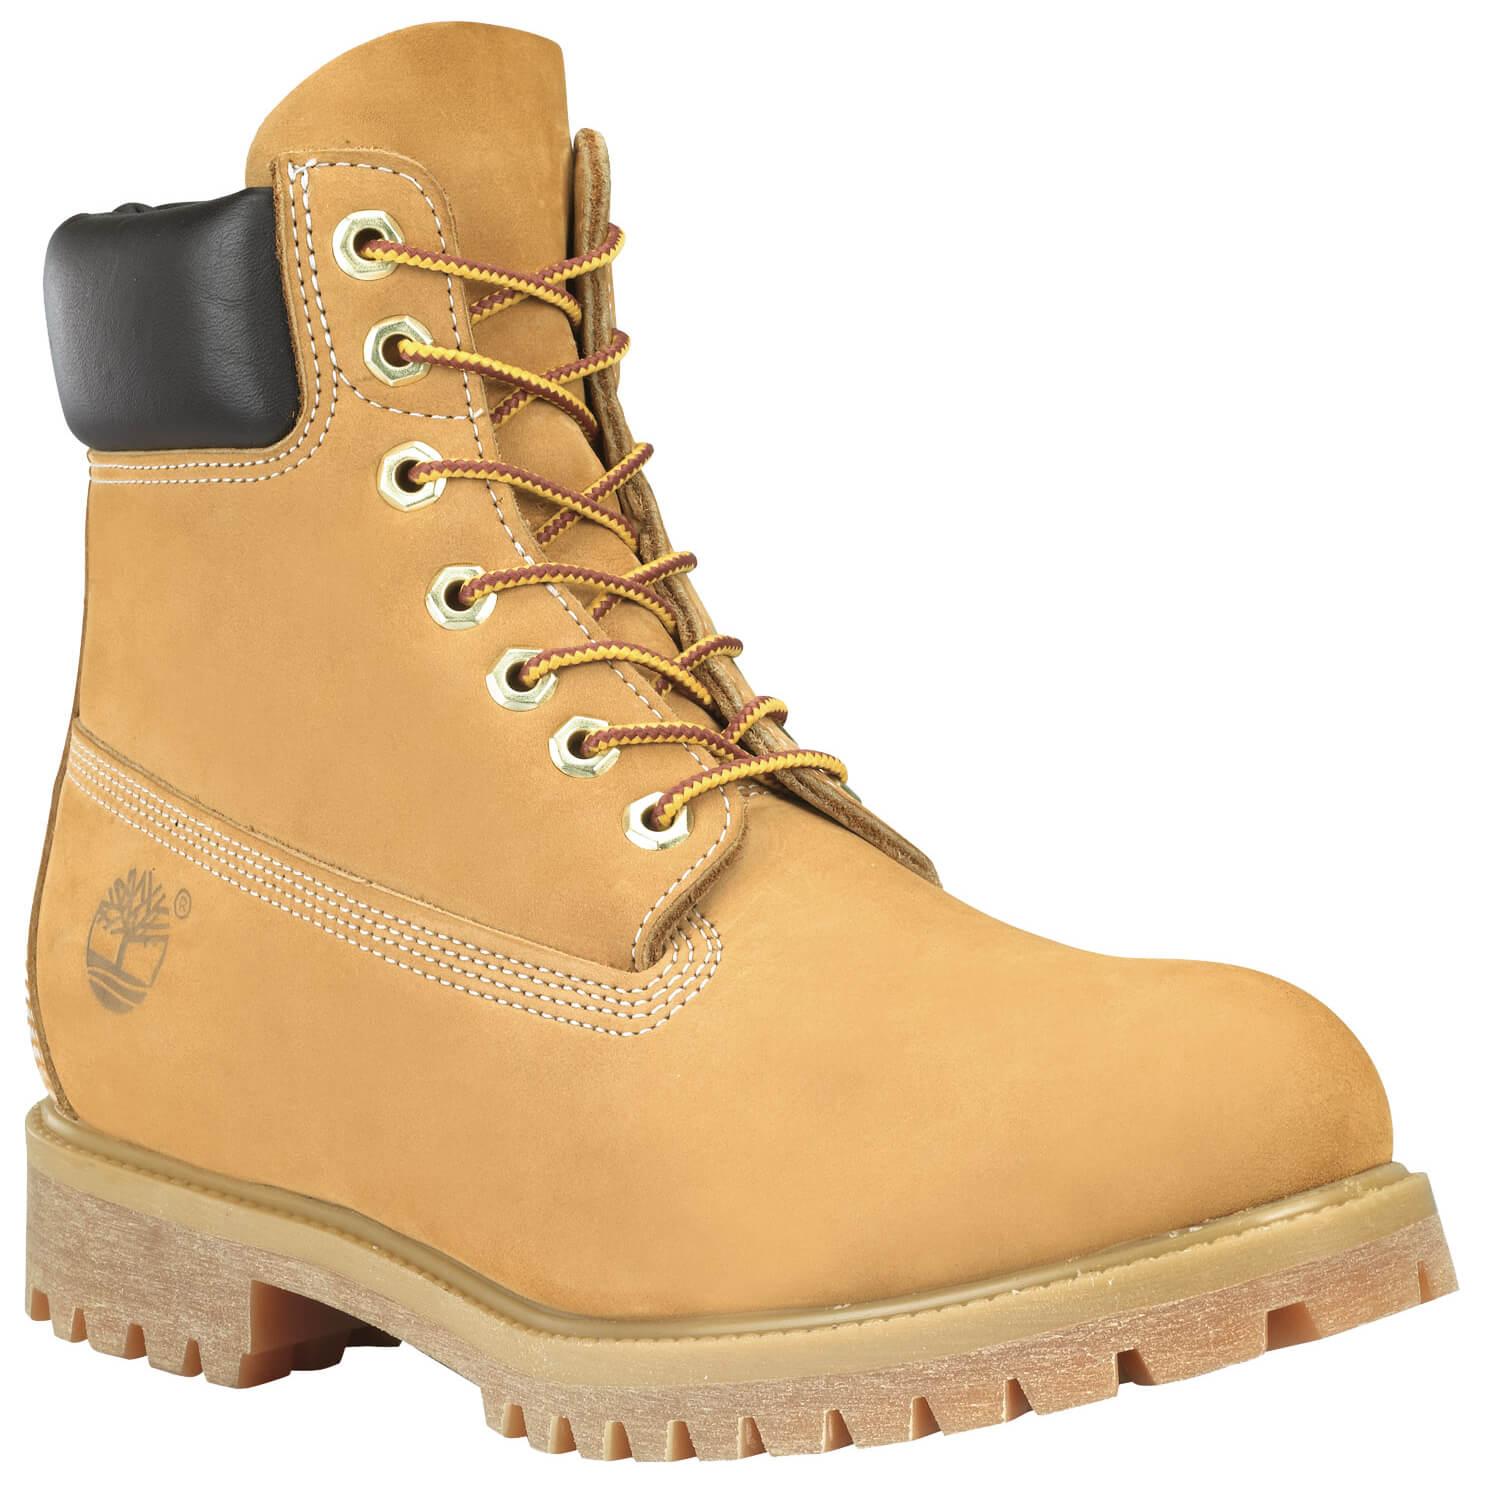 Timberland 6 Inch Premium Boot Hoge schoenen Heren